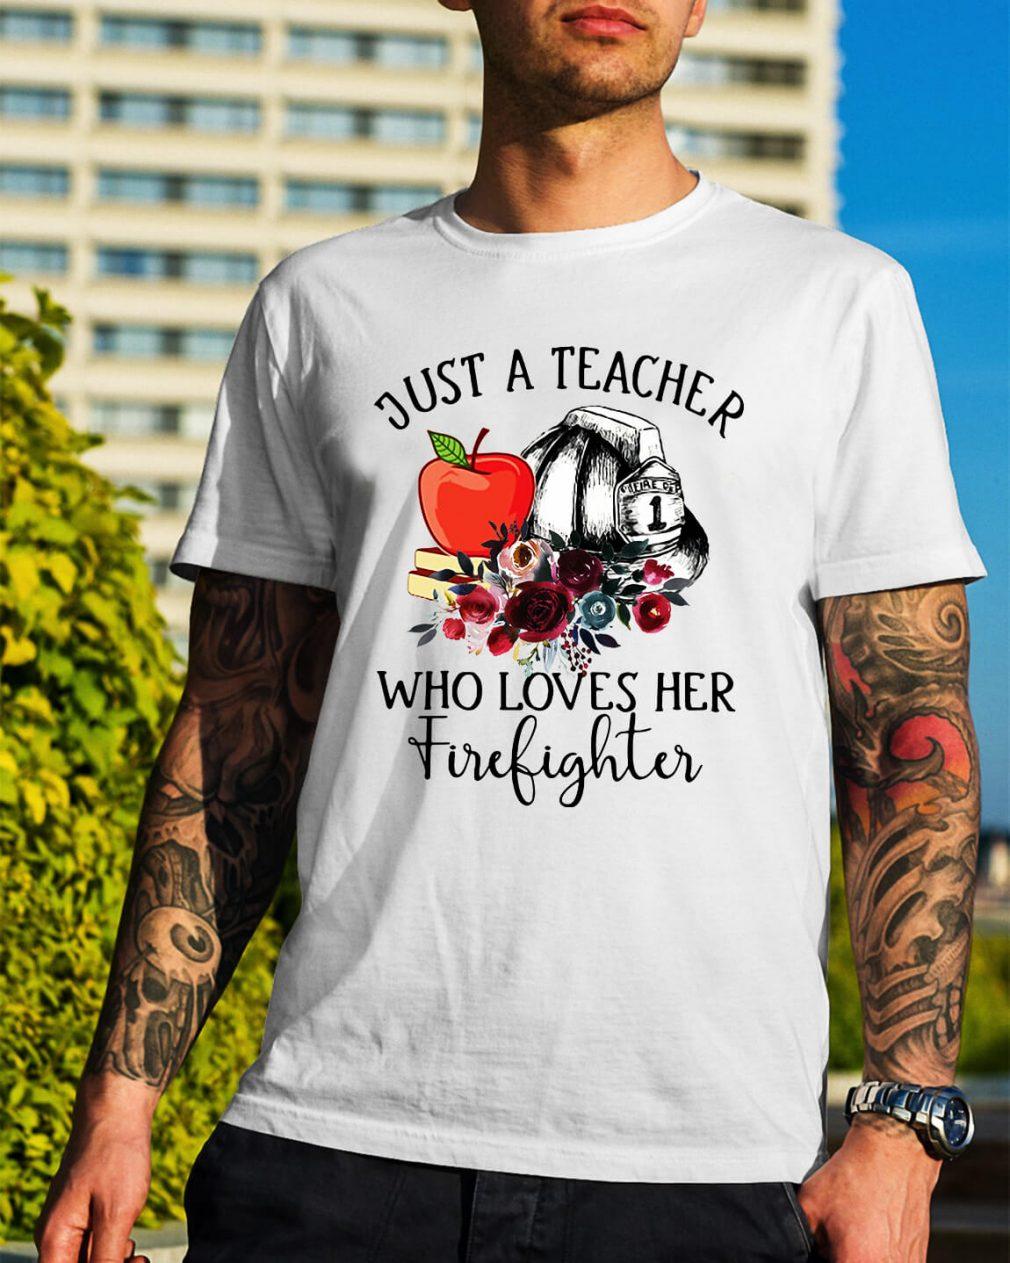 Just a teacher who loves her firefighter shirt